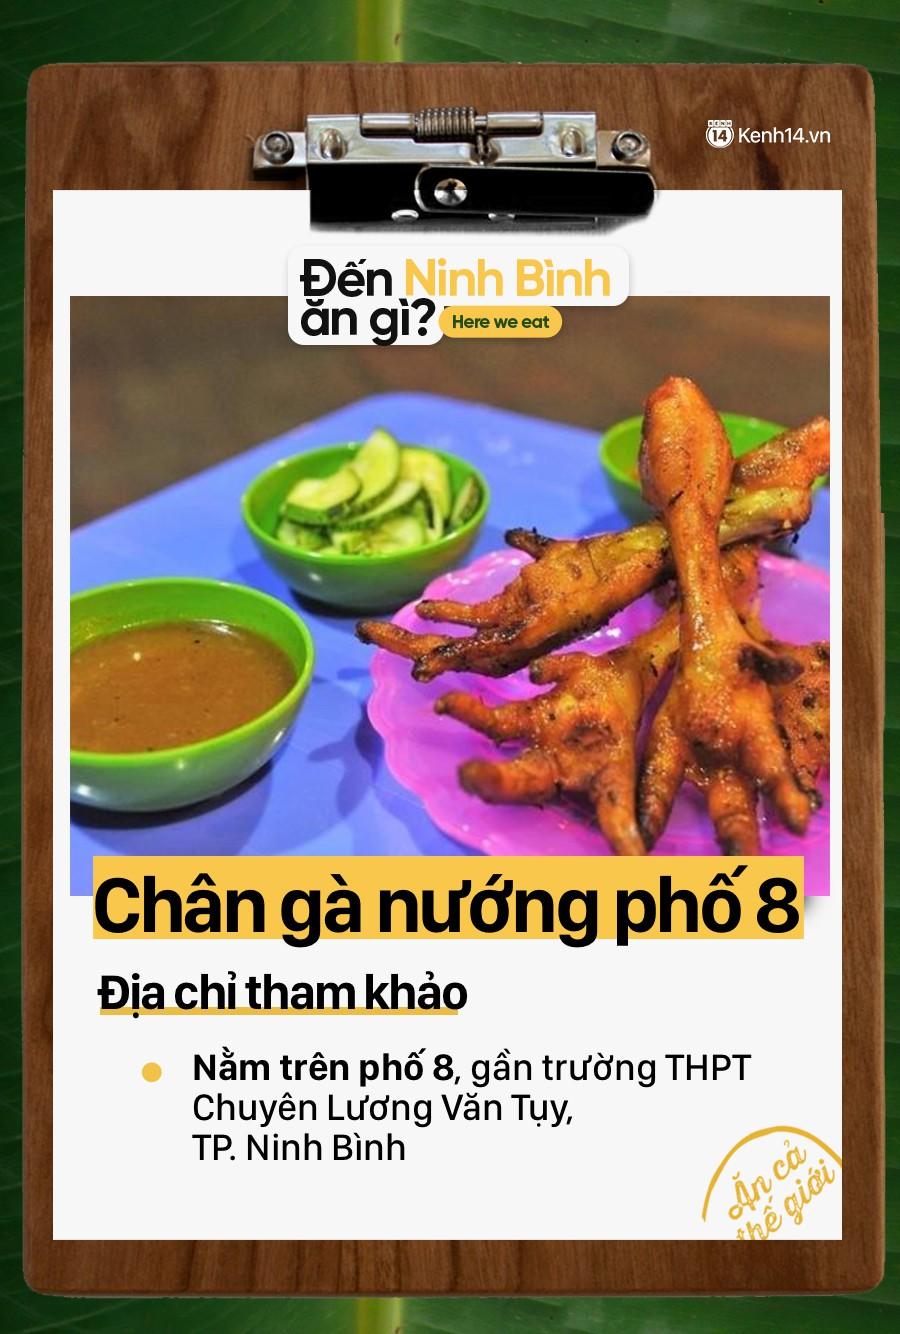 Không chỉ có nhiều cảnh đẹp, Ninh Bình còn rất nhiều món ăn ngon mà bạn cần khám phá - Ảnh 19.